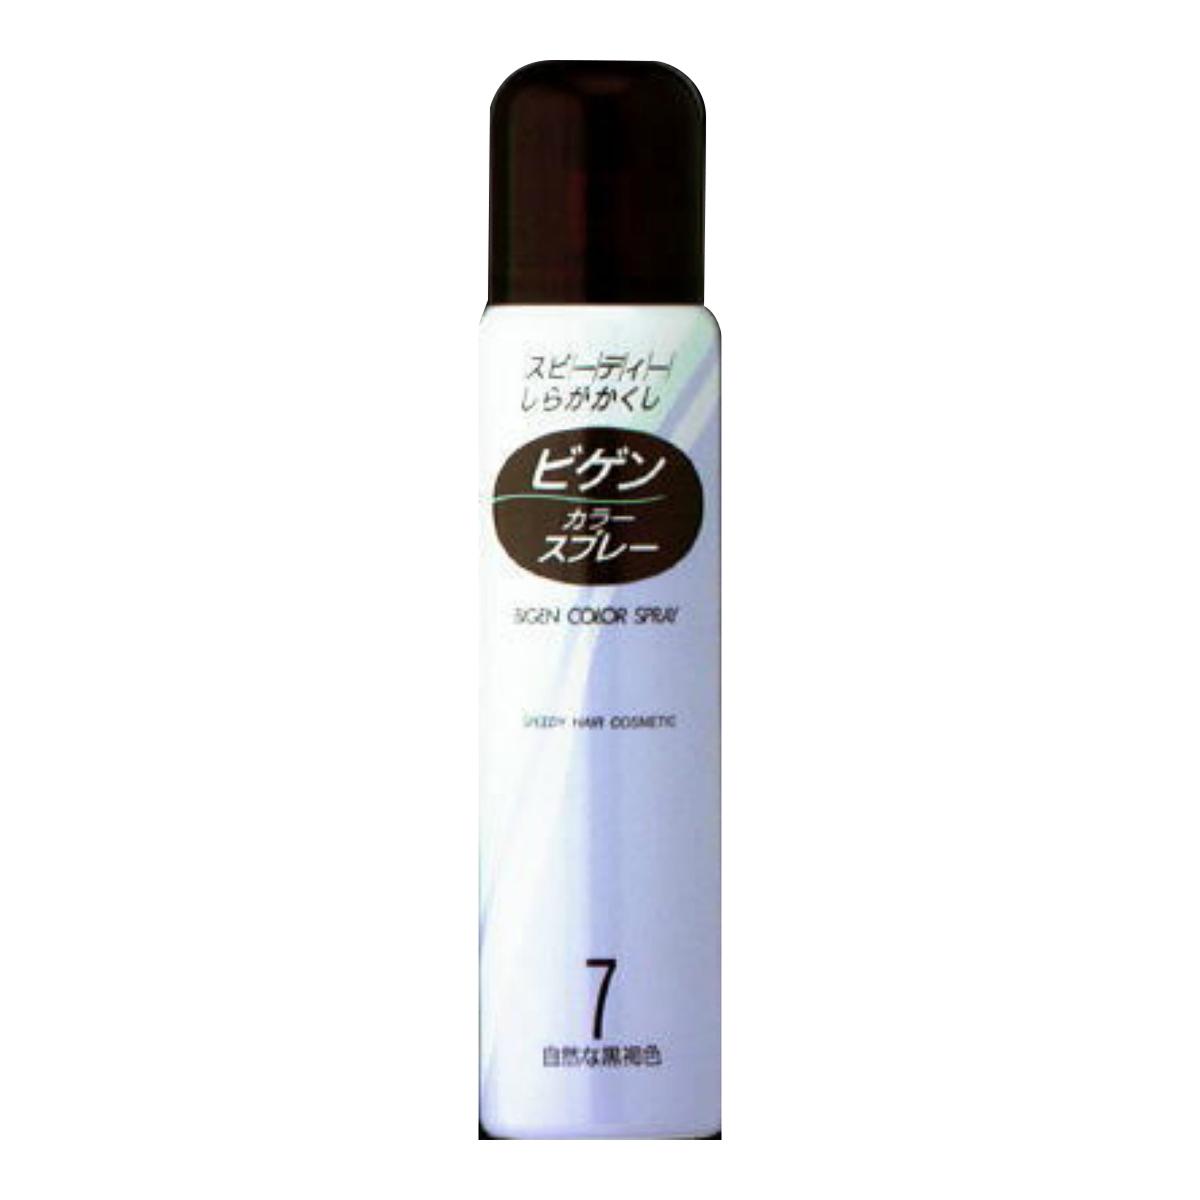 【送料無料】ホーユー ビゲン カラースプレー 7 自然な黒褐色 82g ( プレータイプの白髪かくし ) ×27点セット まとめ買い特価!ケース販売 ( 4987205302077 )